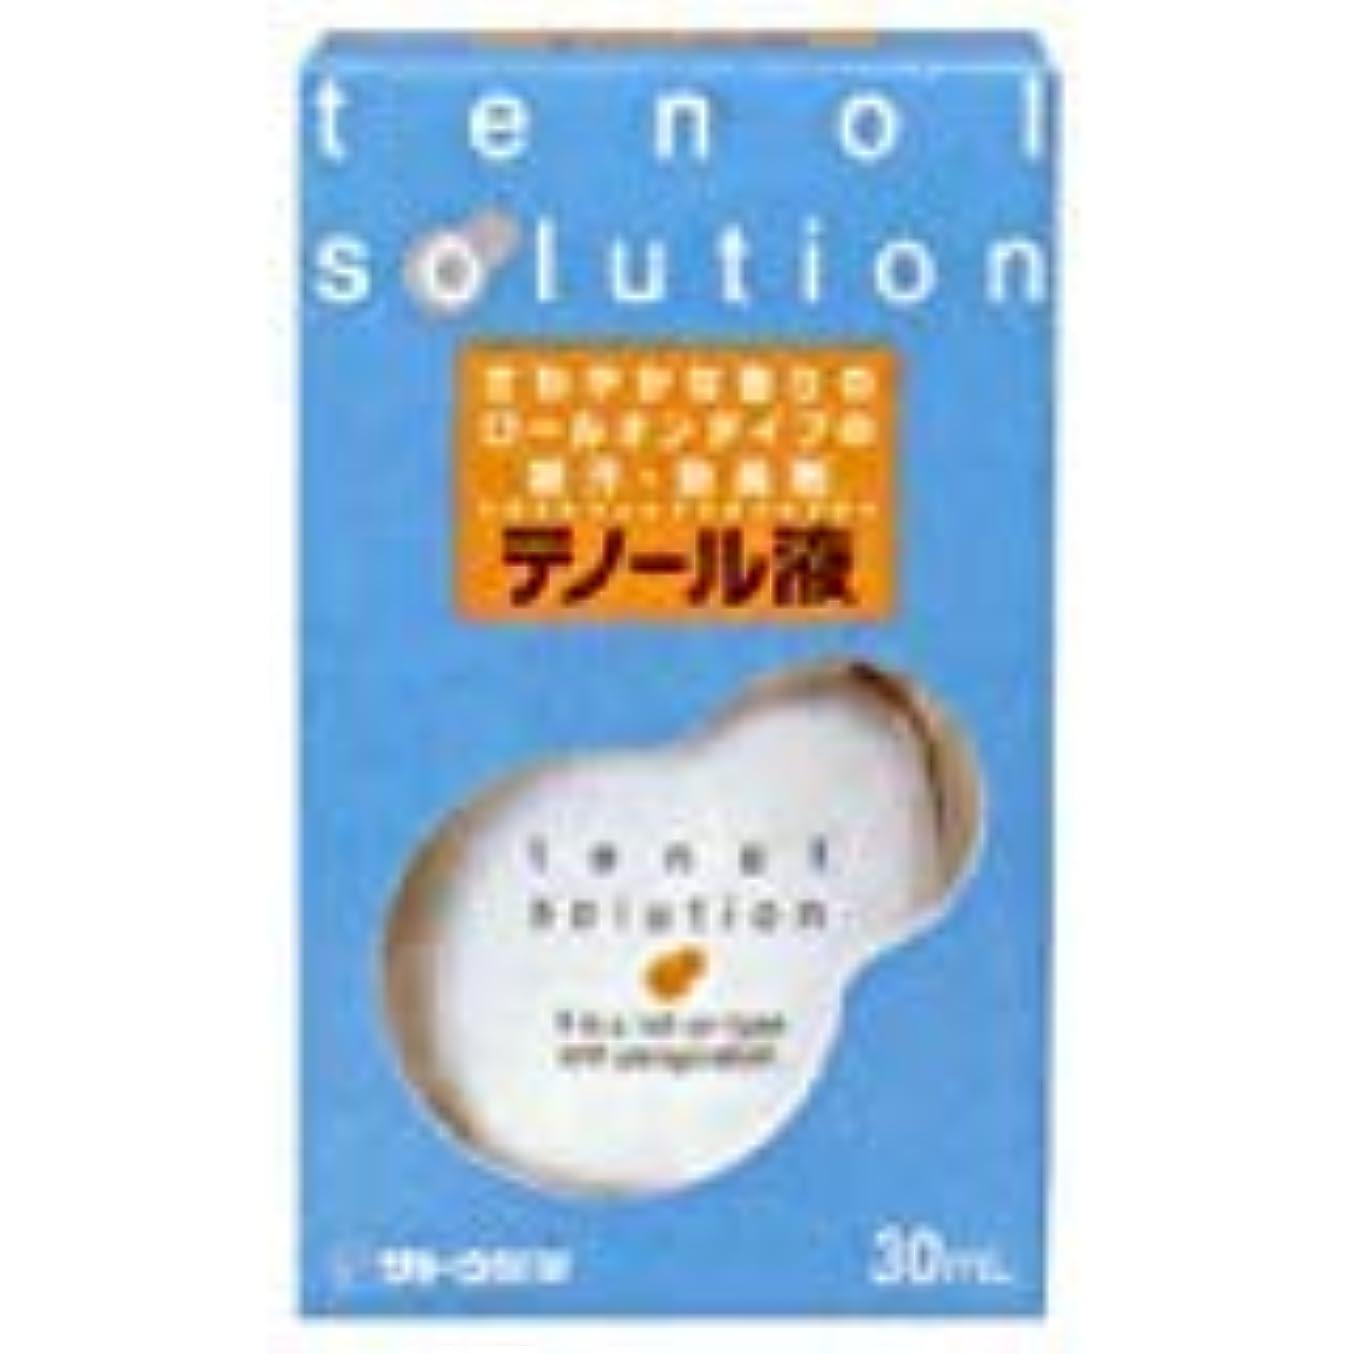 是正するヘロイン形状佐藤製薬 テノール液30ml×2 1310